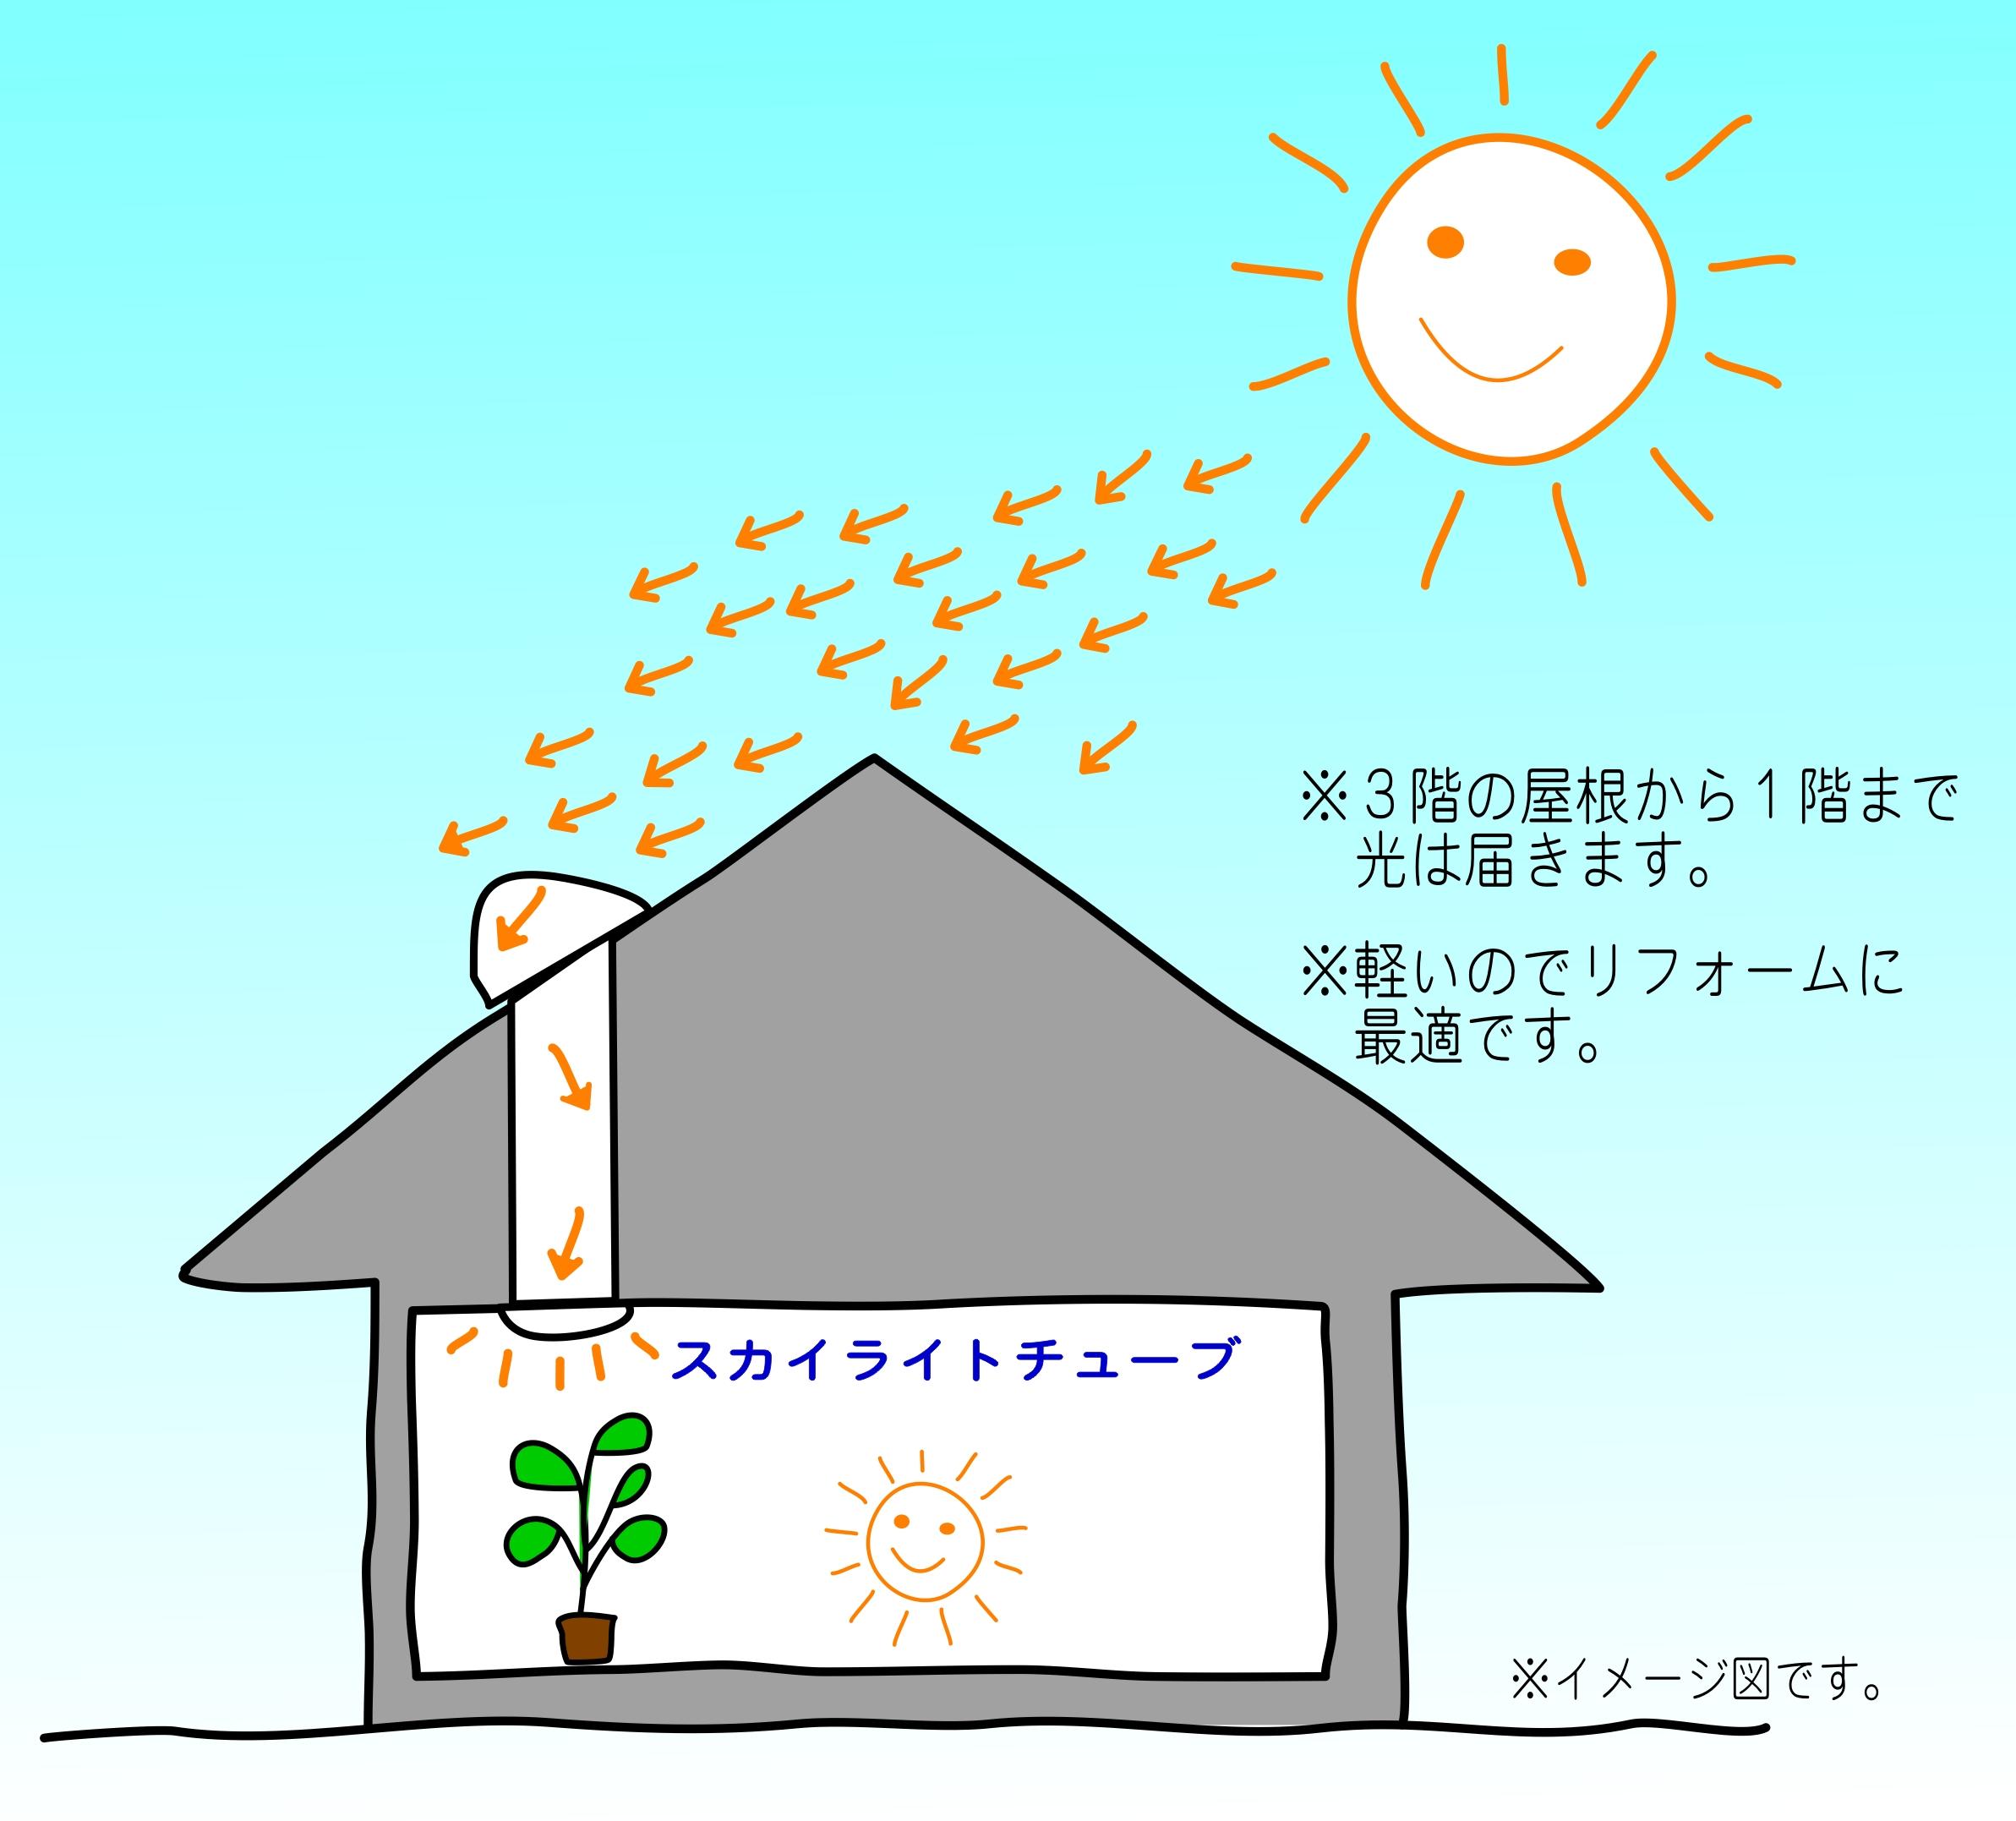 昼間でも部屋が暗くて困っている 太陽の光を部屋に届けるスカイライトチューブ